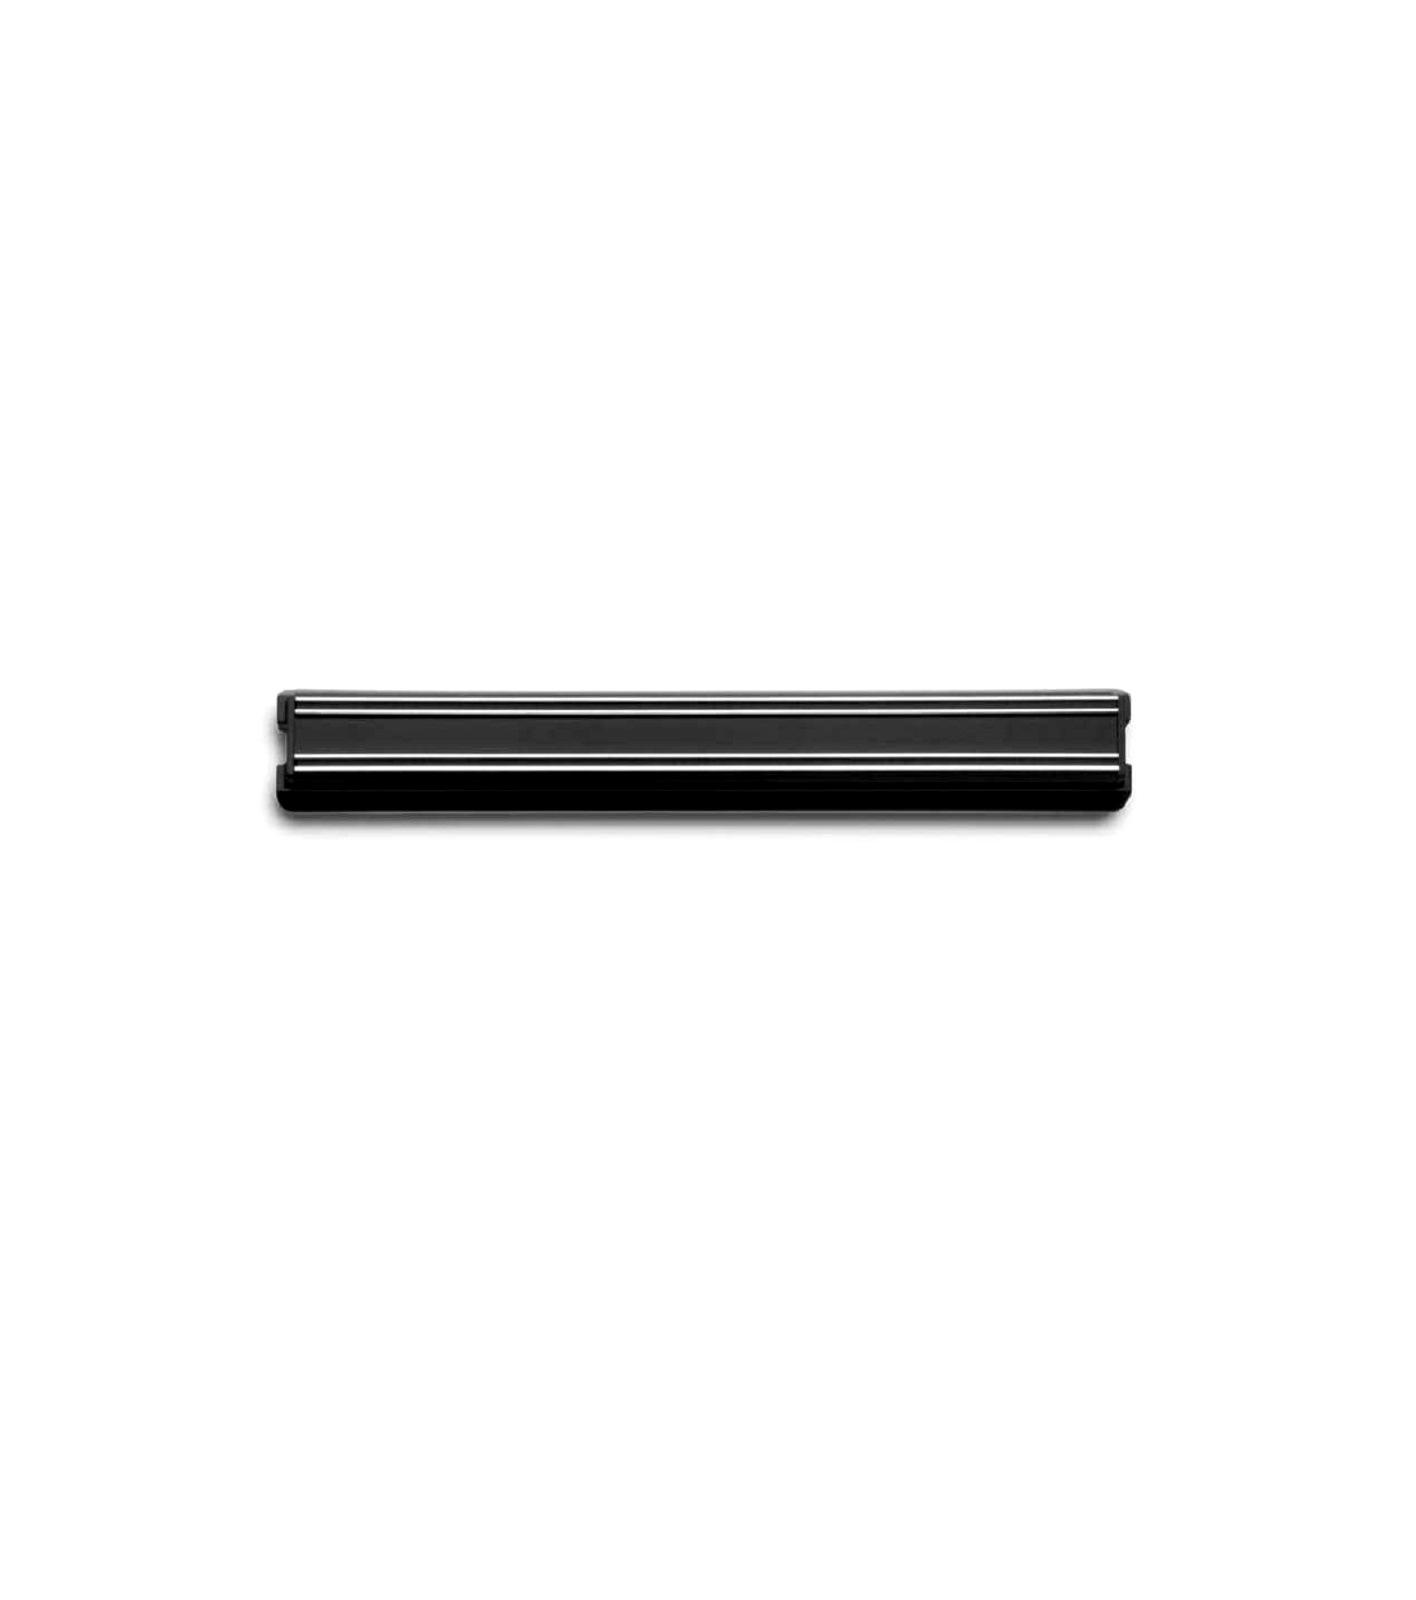 Онлайн каталог PROMENU: Держатель для ножей магнитный Wuesthof, длина 30 см, черный Wuesthof 7225/30